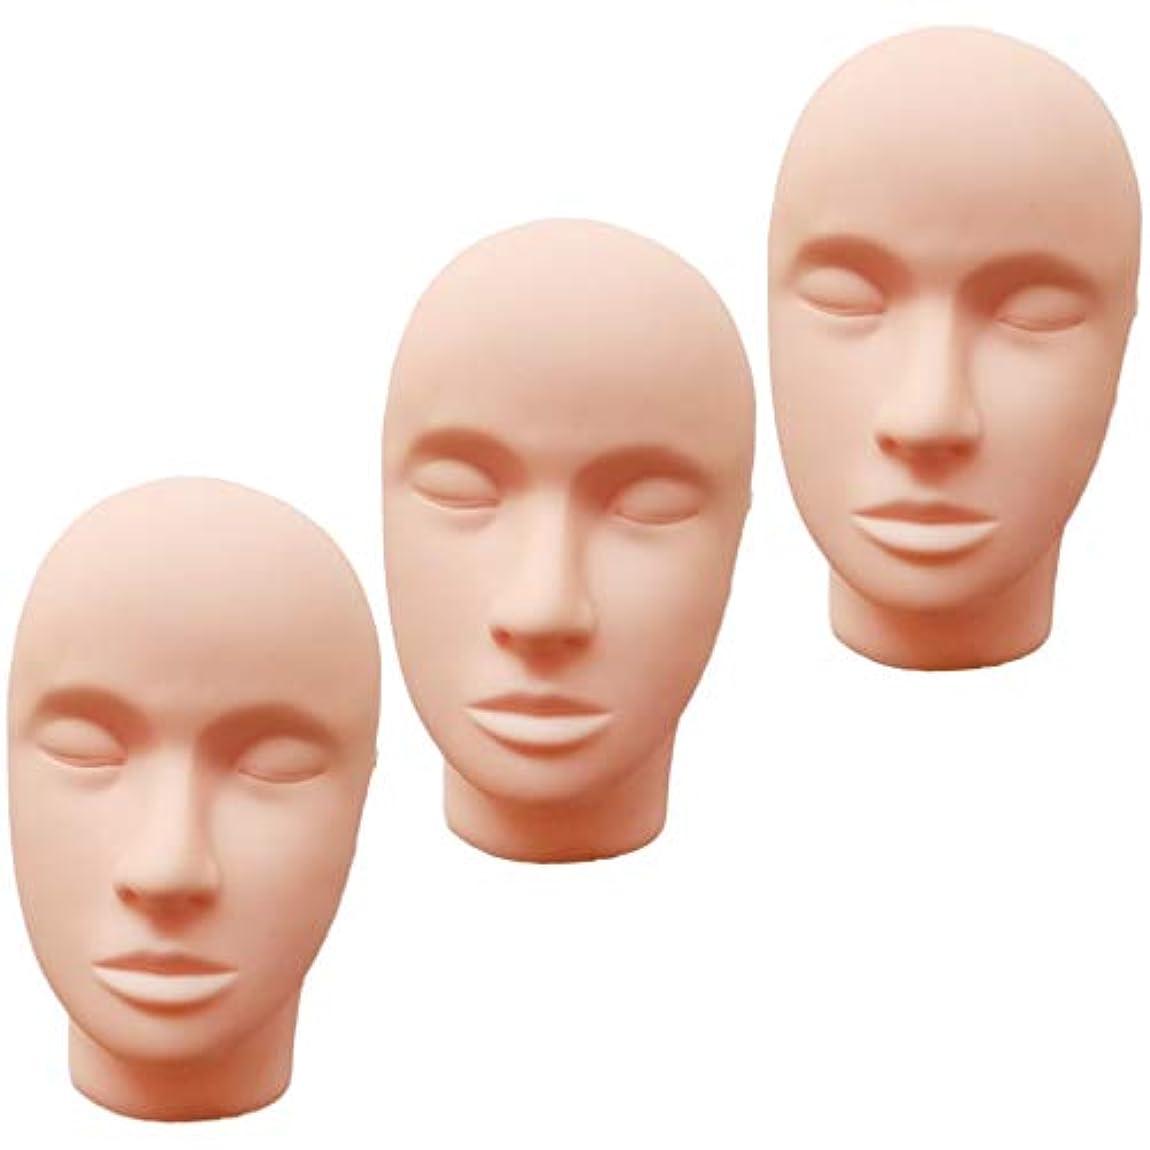 顕現憂鬱なボイラーT TOOYFUL ヘッドマネキン メイク練習用 モデル 化粧 フェイス メイクアップ まつげエクステ 繰り返し利用